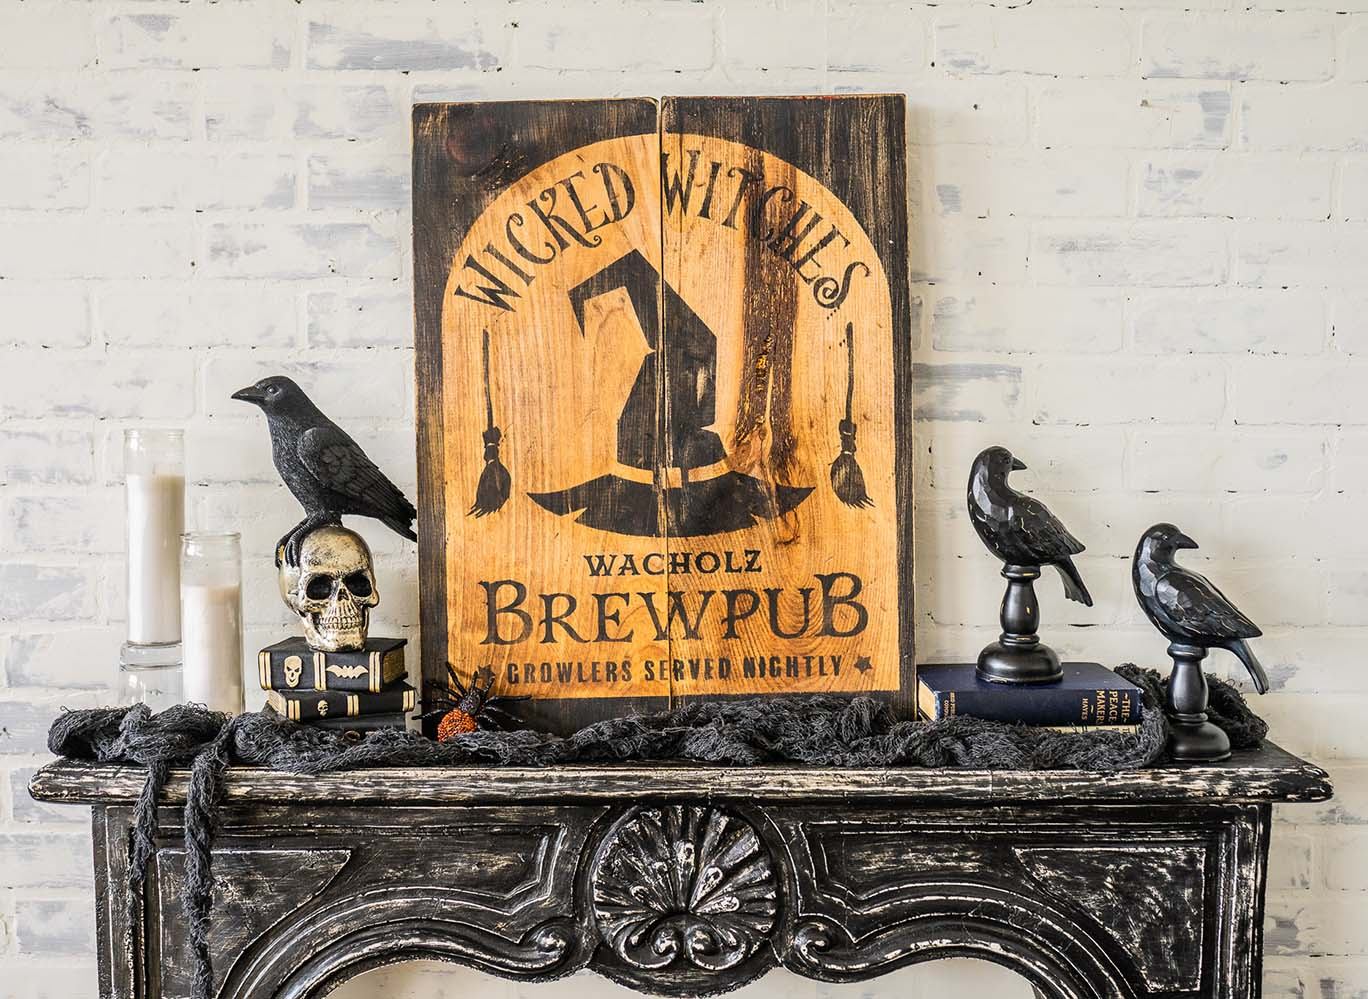 Witches Brewpub